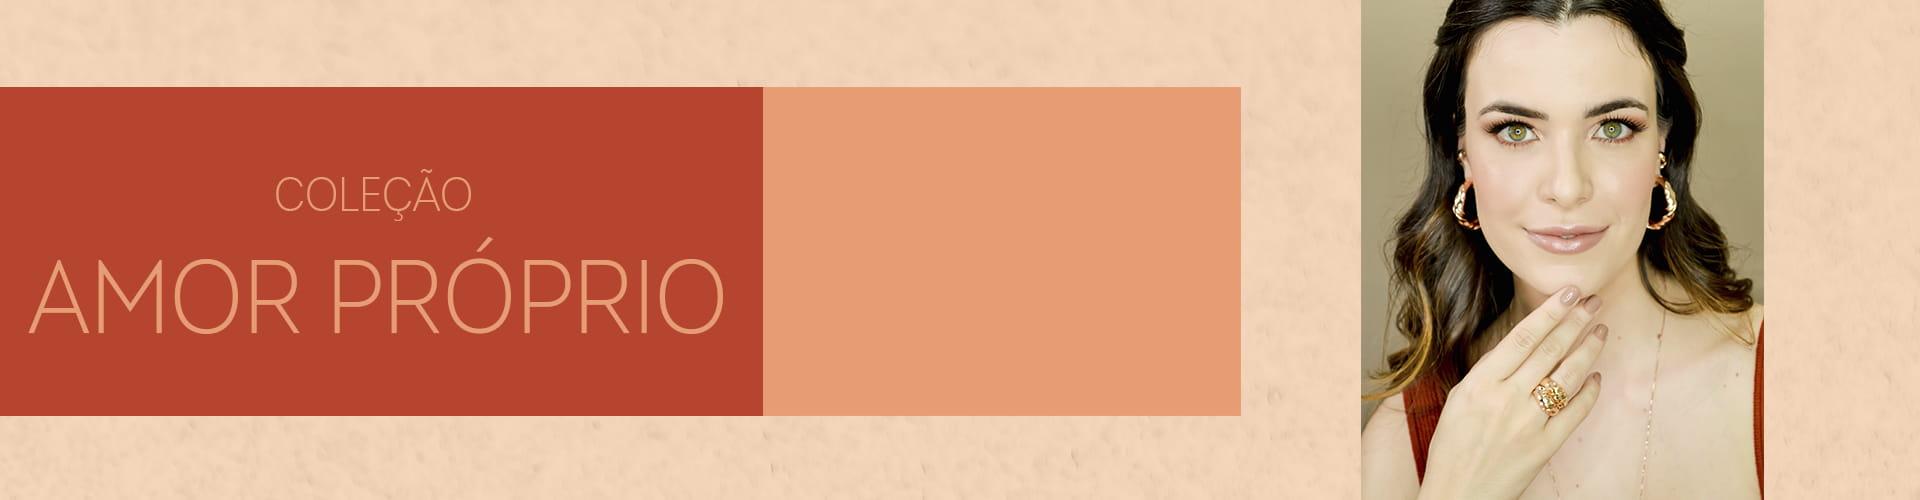 Brincos, colares, pulseiras e anéis em semijoias com pérolas, metal e zircônia você encontra aqui na Privilège. Acessórios que realçam a sua beleza e refletem o brilho da sua essência. Nossas peças possuem garantia eterna de banho e Cravação em microzirconias e são antialérgicas. Parcelamos em até 10x no cartão de crédito. Atendemos atacado e varejo.